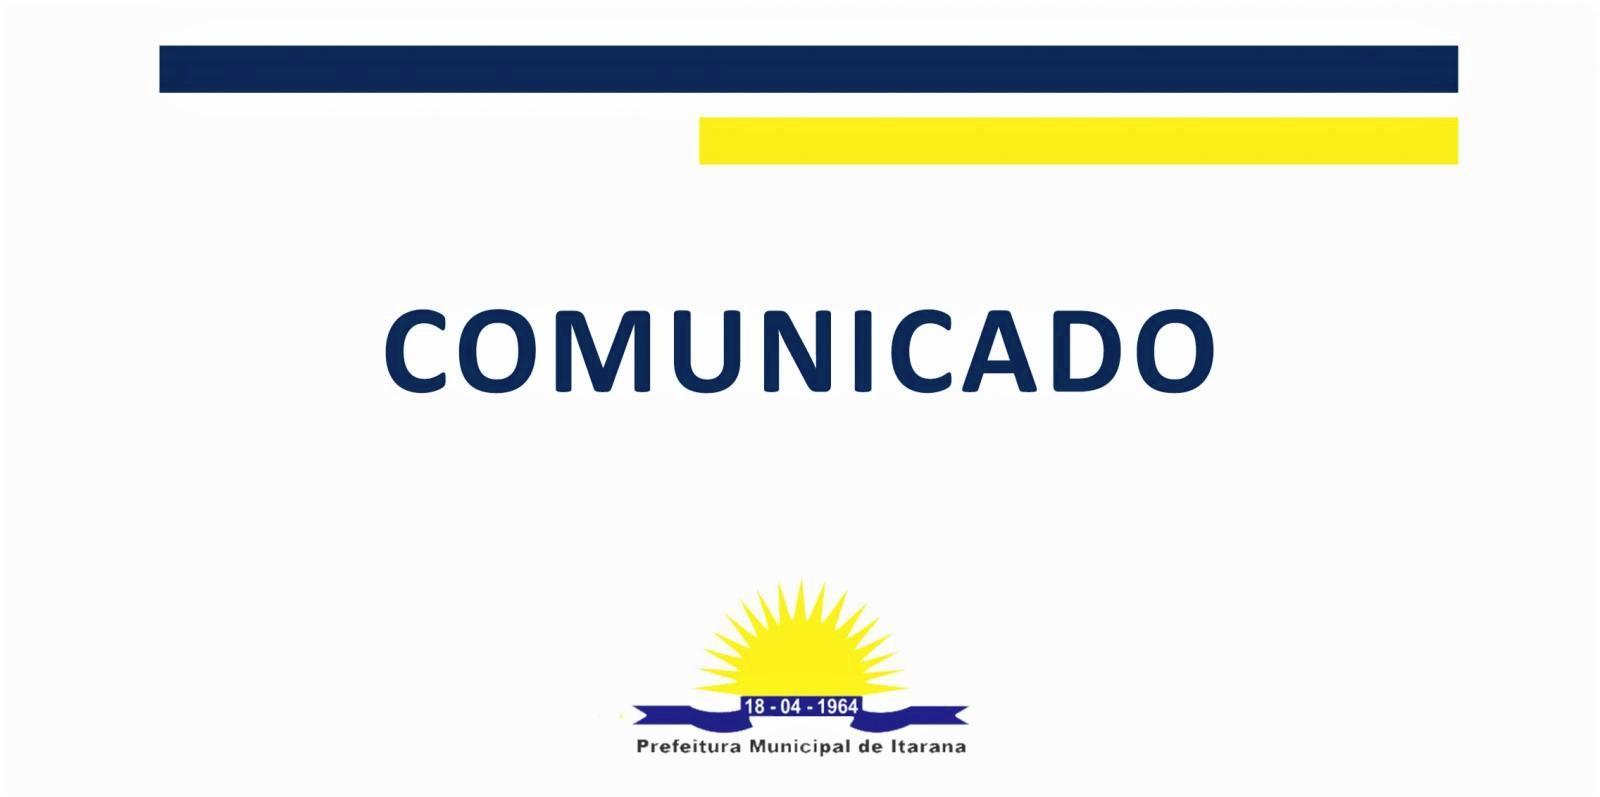 Comunicado - Laudo Técnico das Condições Ambientais do Trabalho (LTCAT) está disponível no site